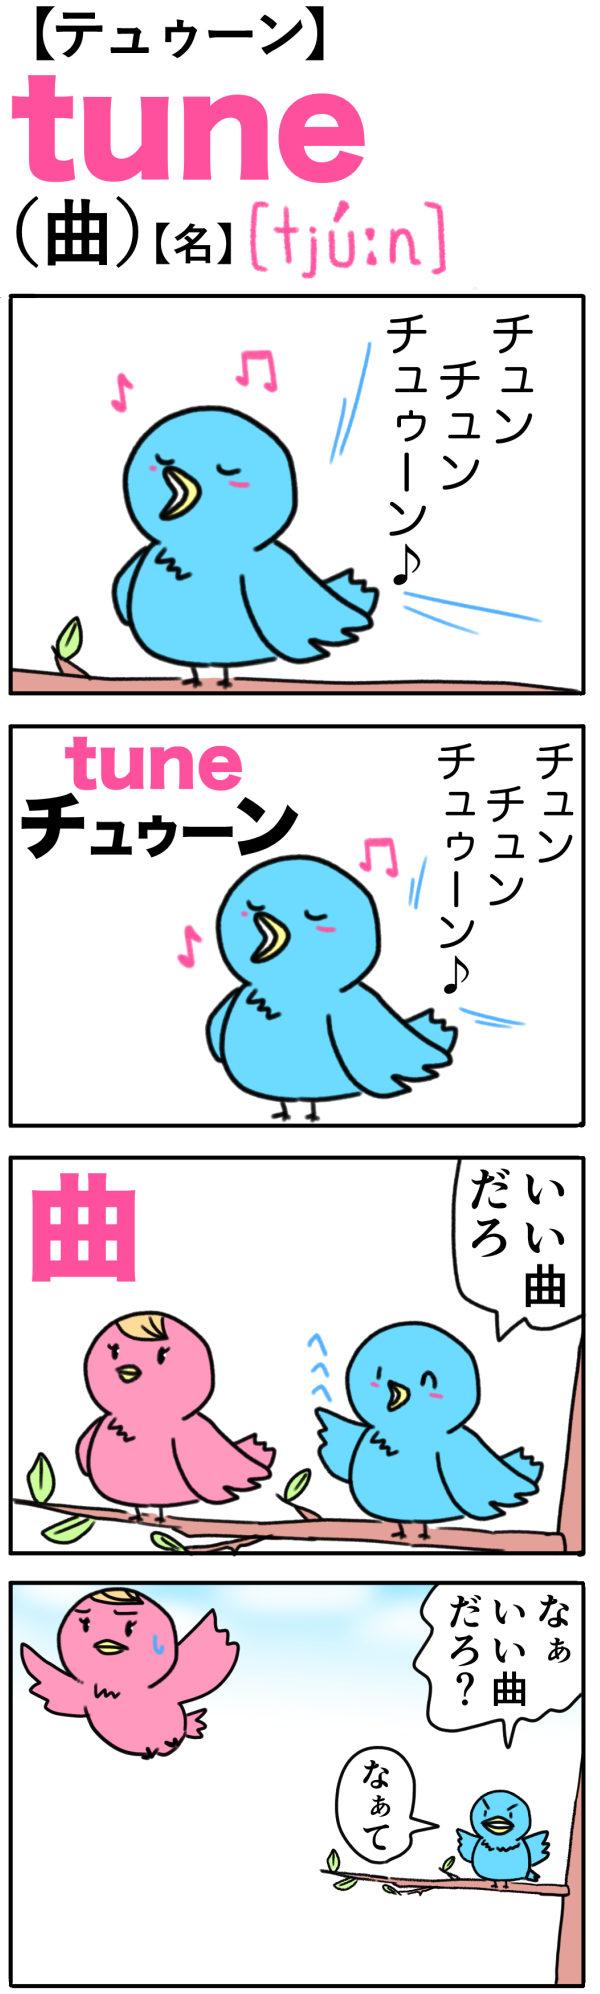 tune(曲)の語呂合わせ英単語